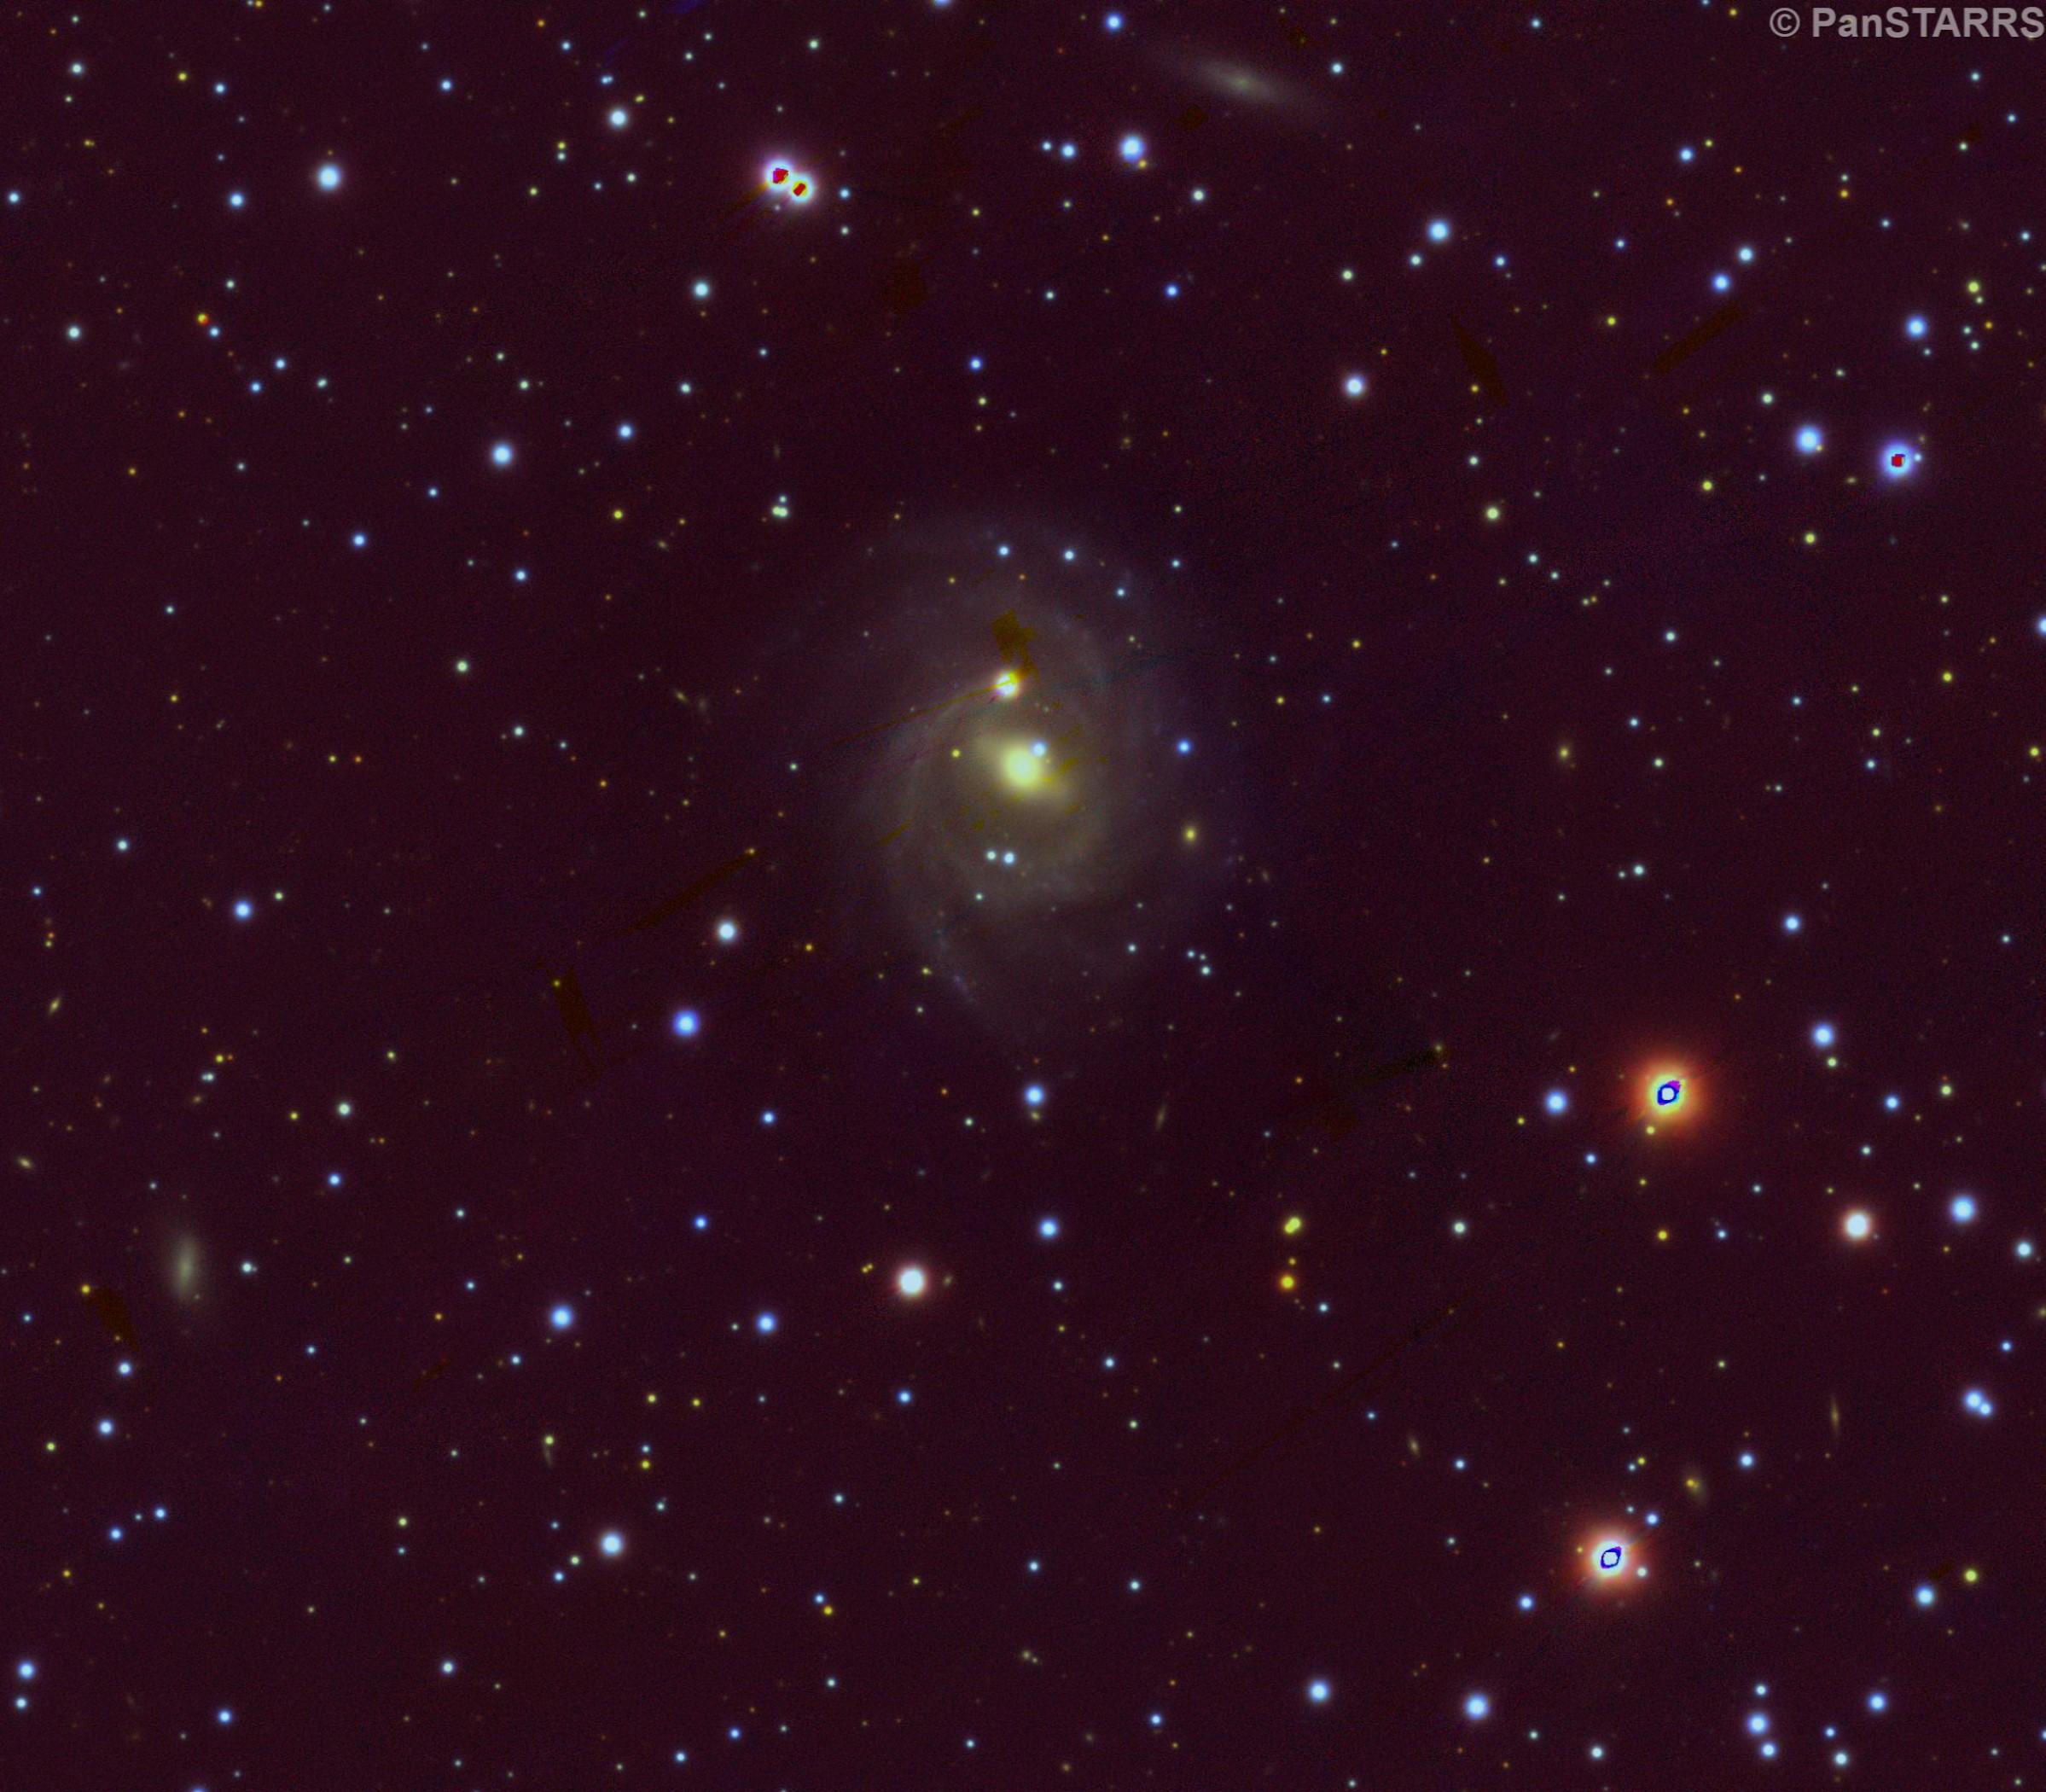 NGC 2223